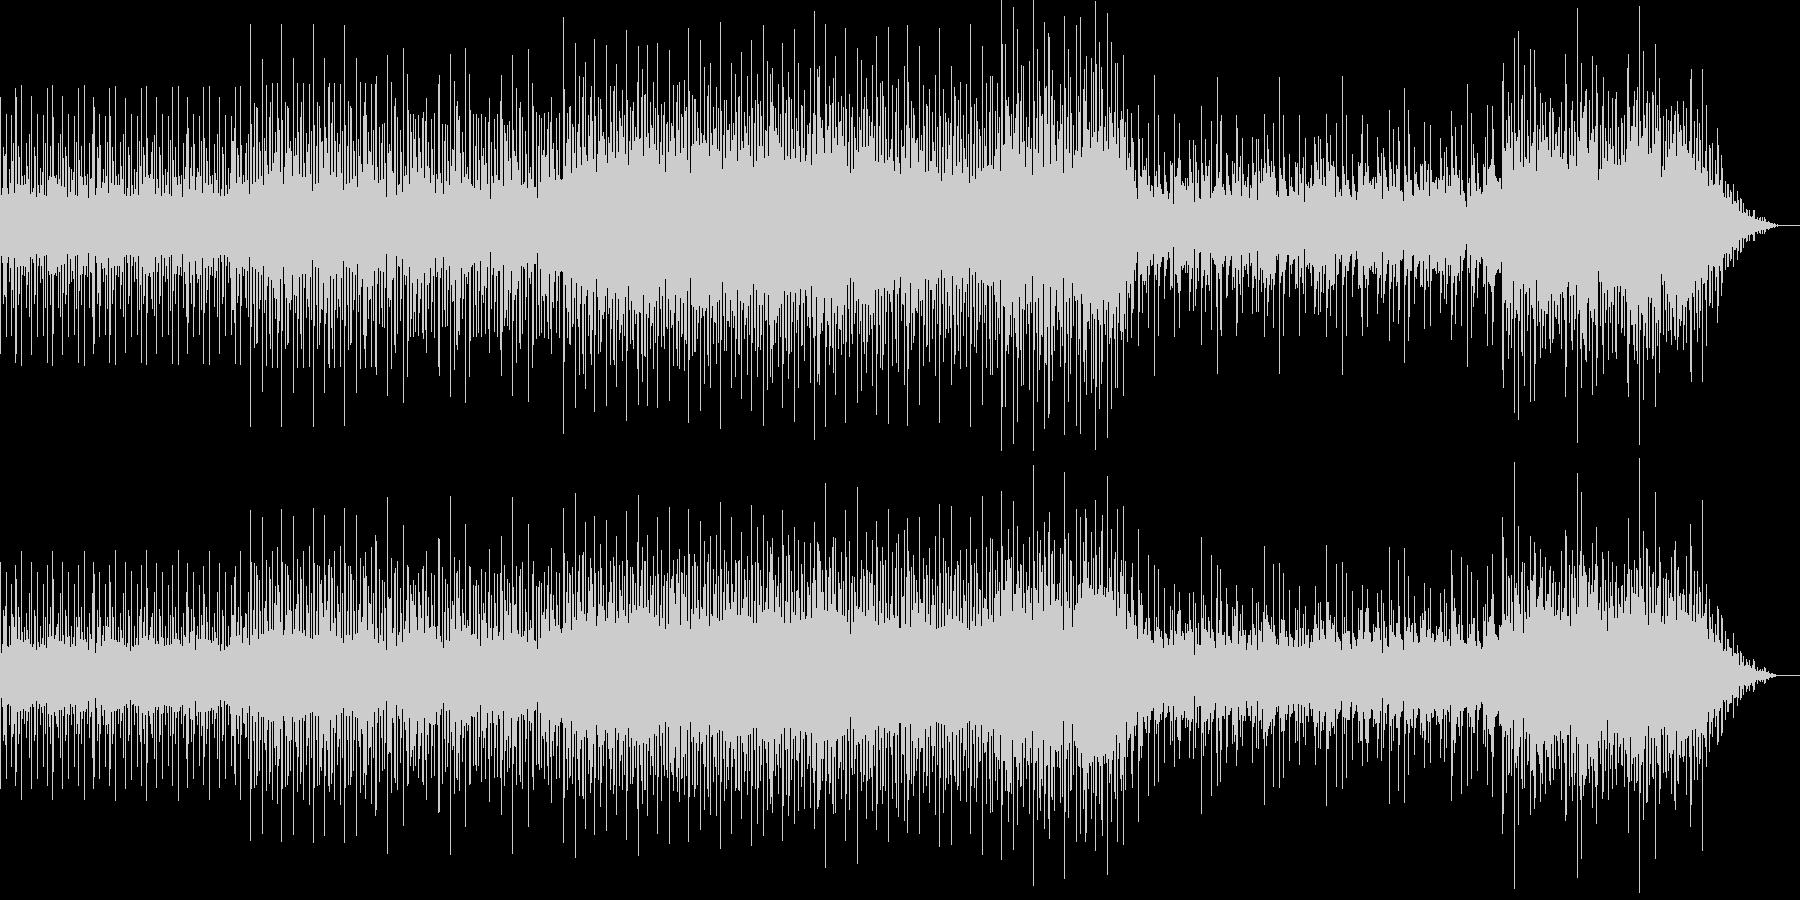 クールでアップテンポなポップスの未再生の波形